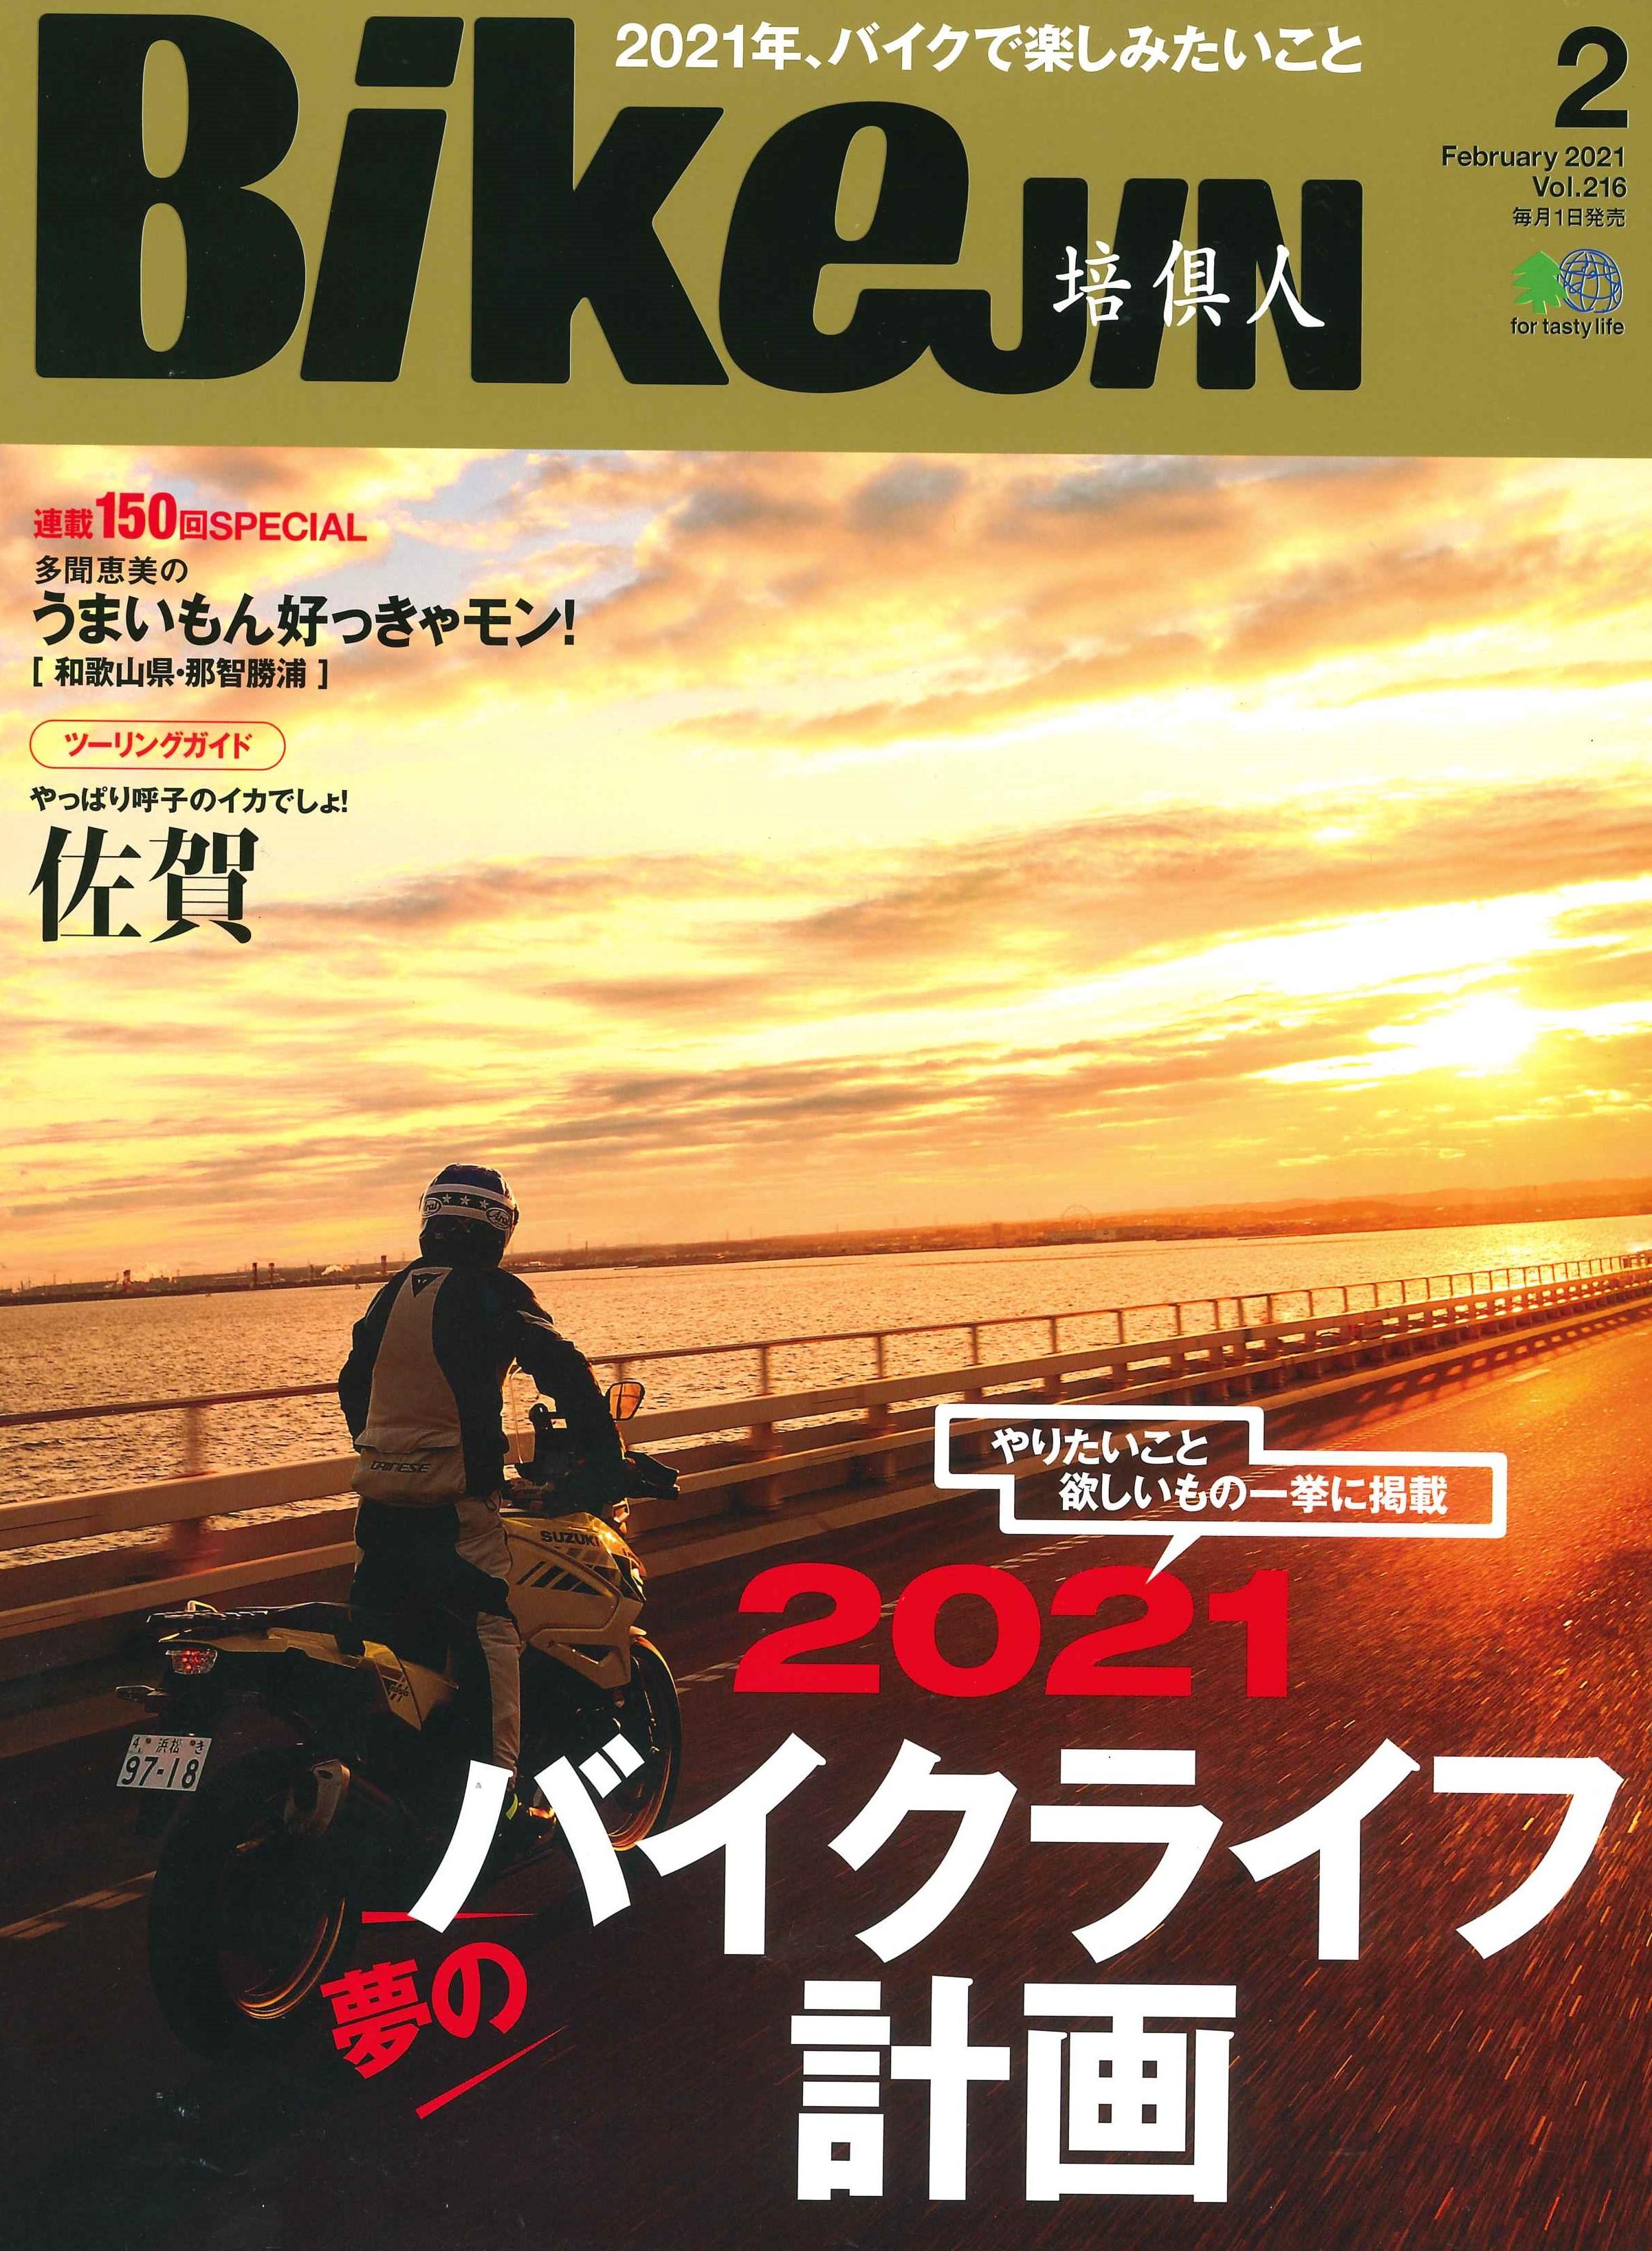 【BikeJin 2021年2月号掲載】B+COMを便利に使う小ネタ集